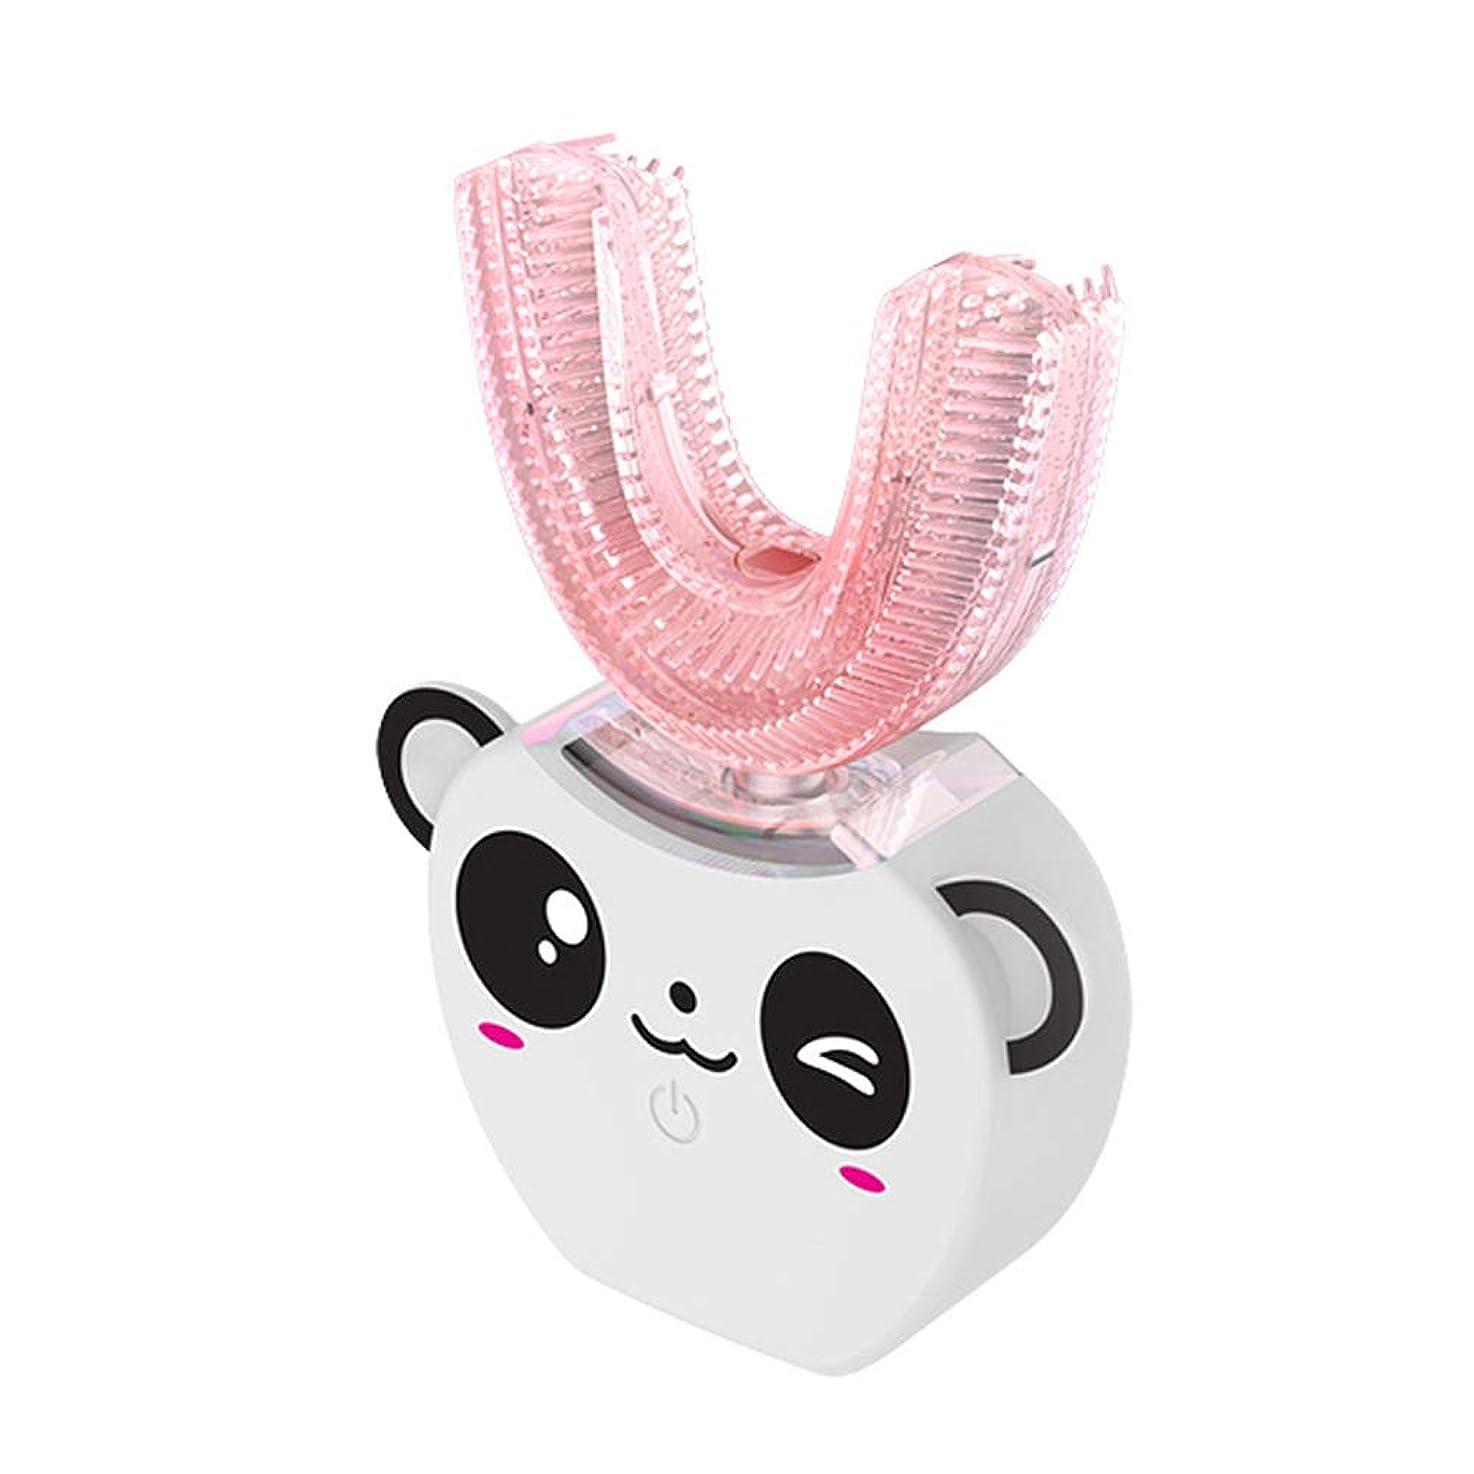 忘れられない貴重などこにでも子供のU字型超音波電動歯ブラシ子供自動歯磨き粉360°歯ホワイトニング8-16年